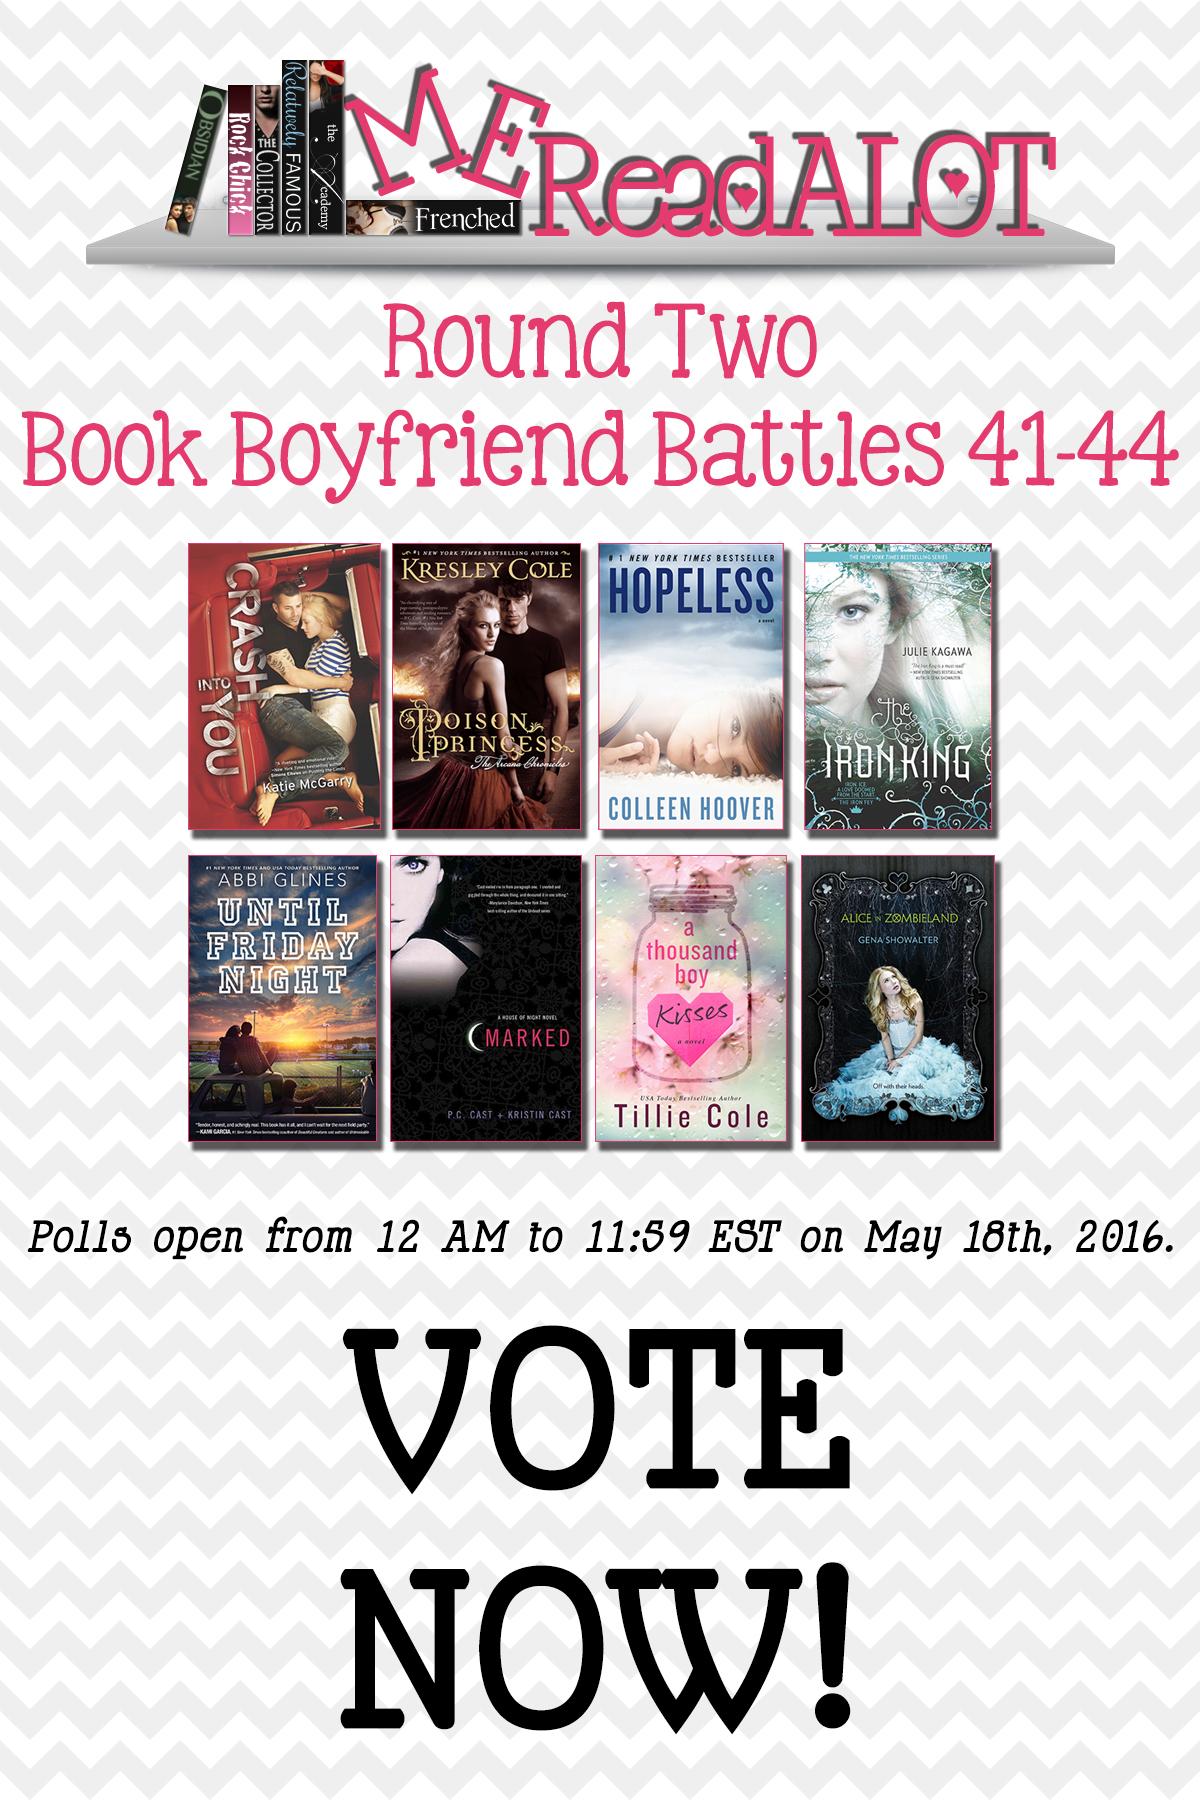 Book Boyfriend Battles 41-44